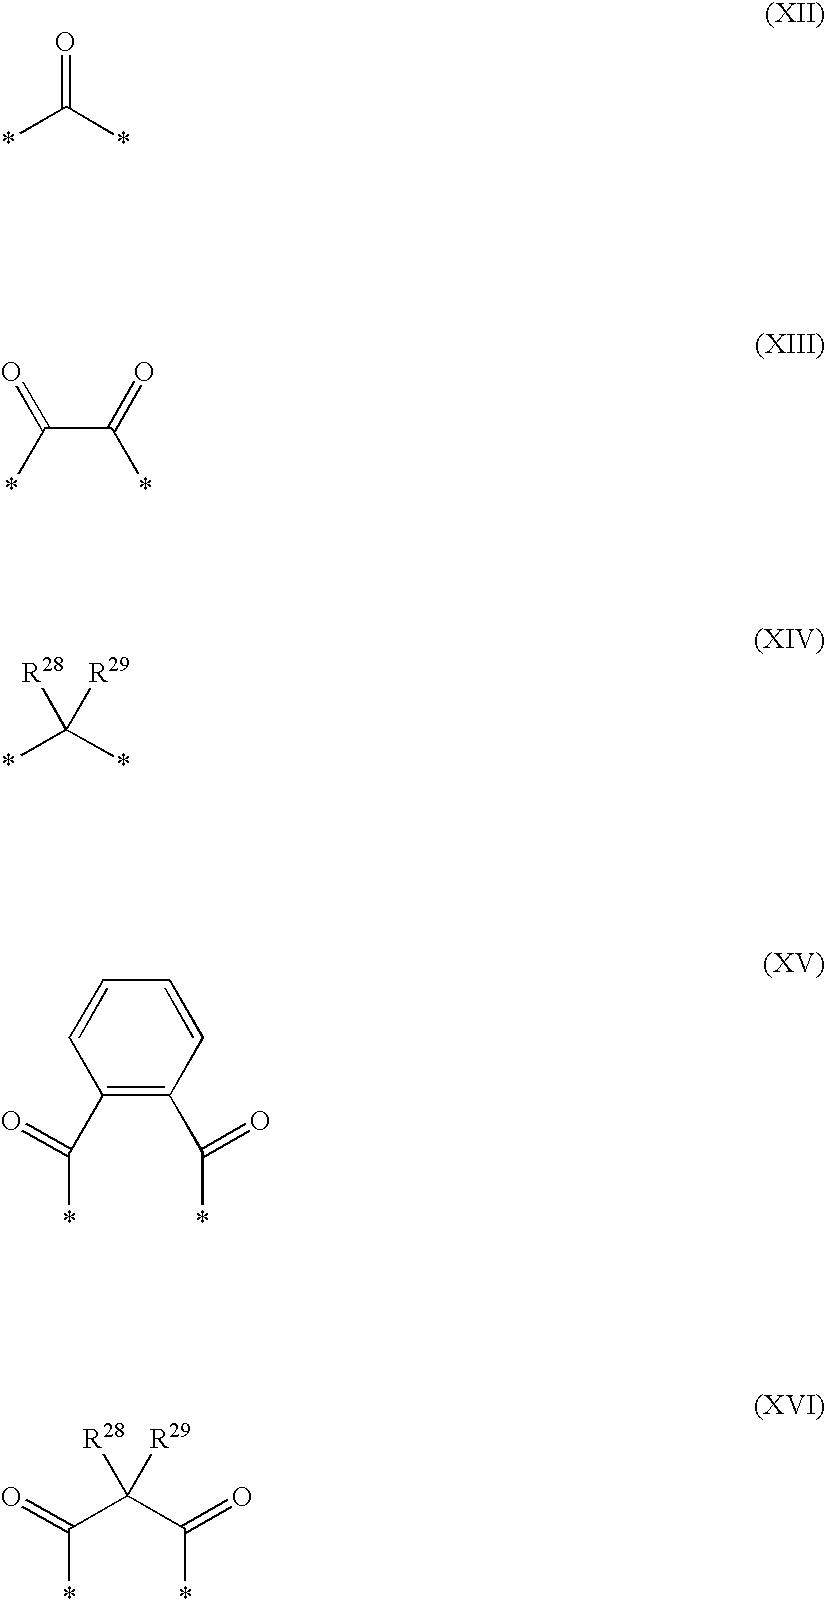 Figure US20100316712A1-20101216-C00006